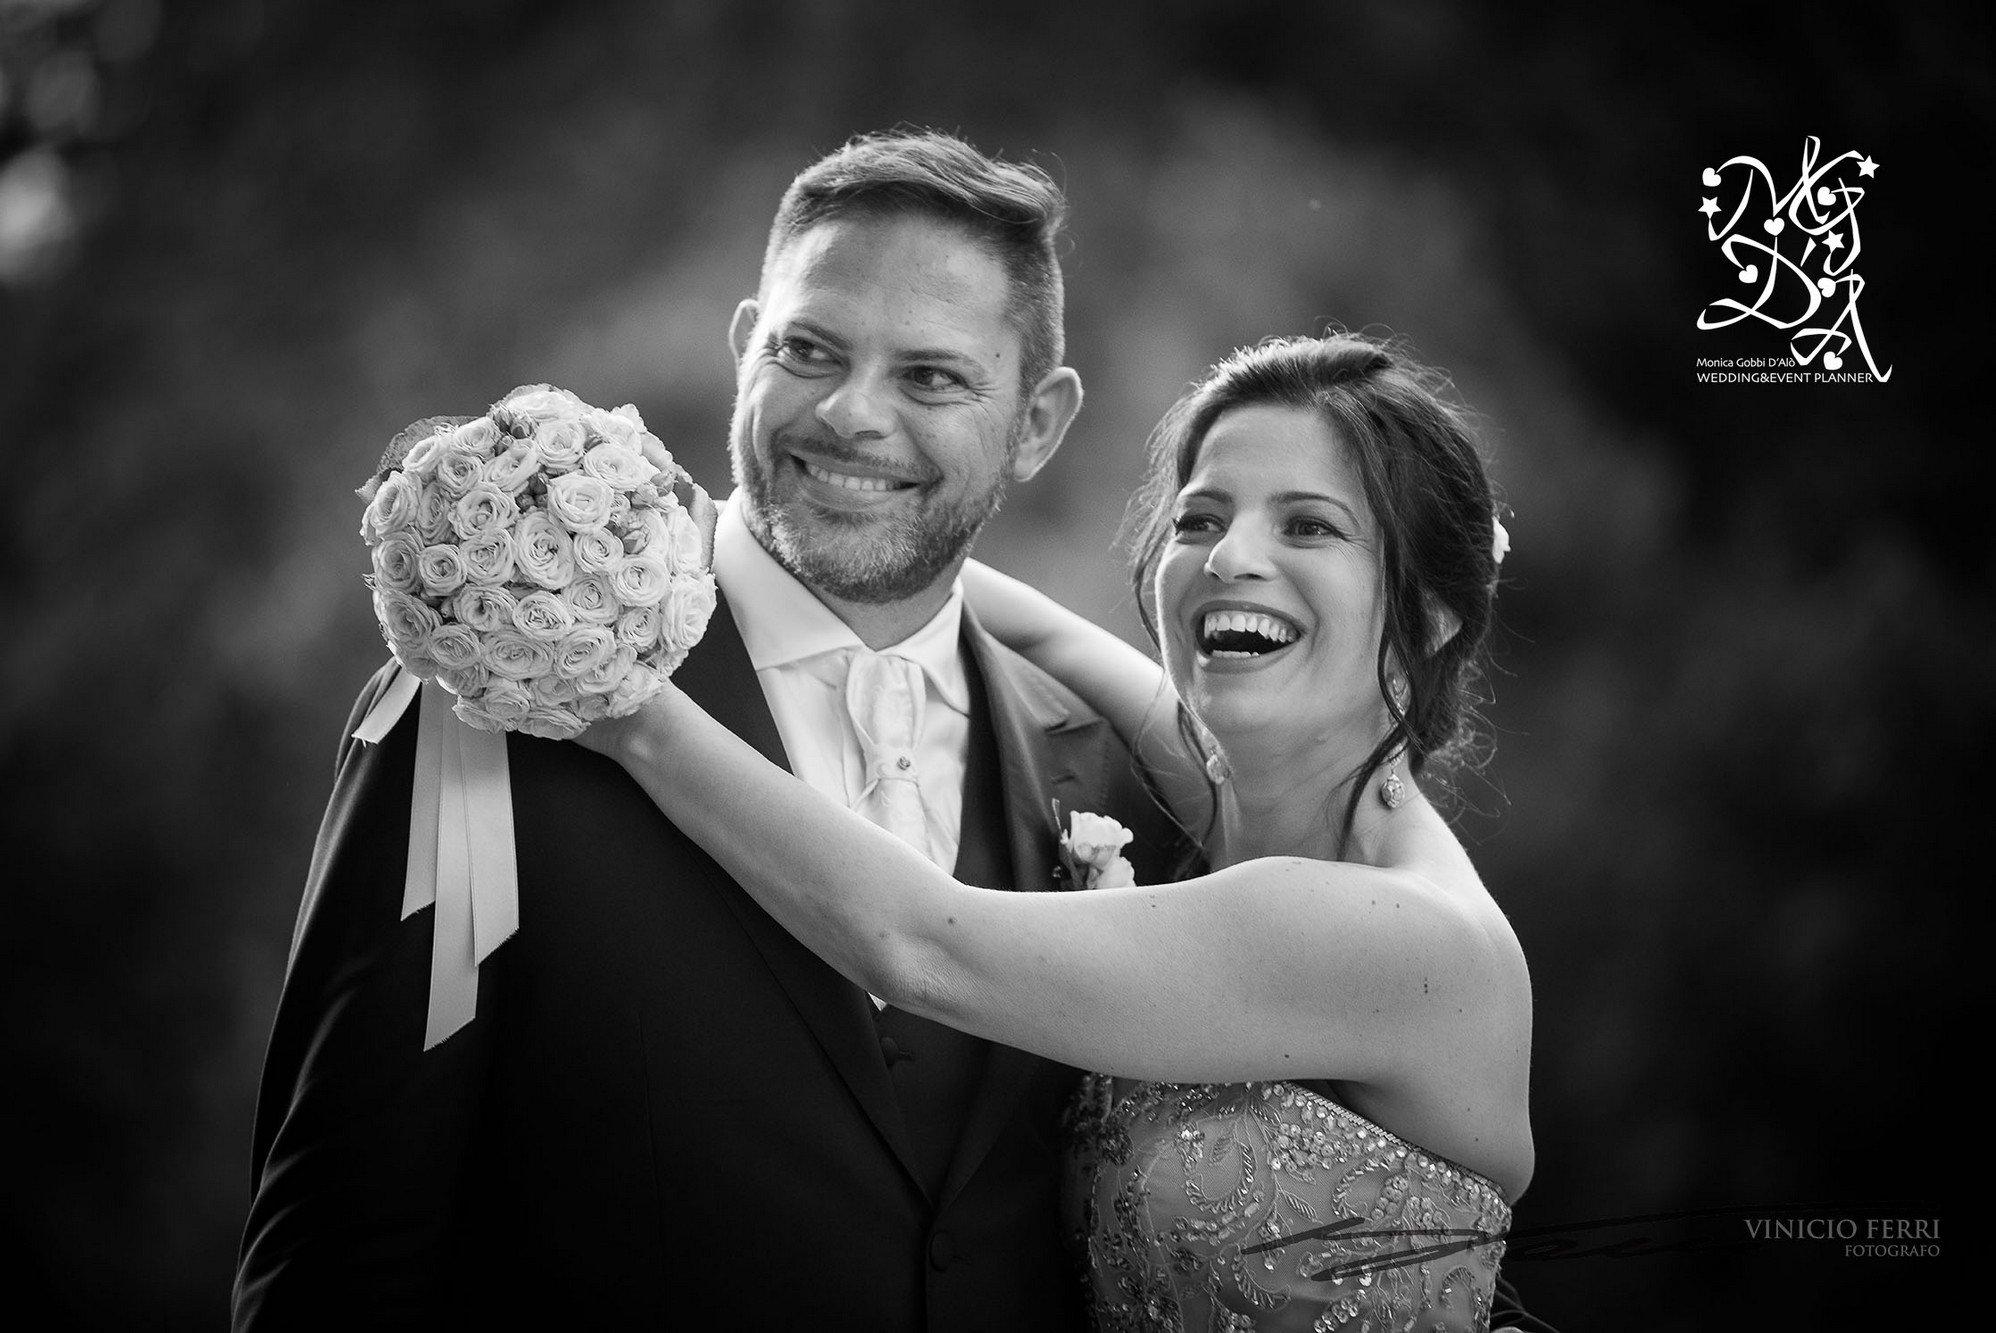 Matrimonio Simbolico A Cuba : Marco & federica mgda eventi your dreamshaper